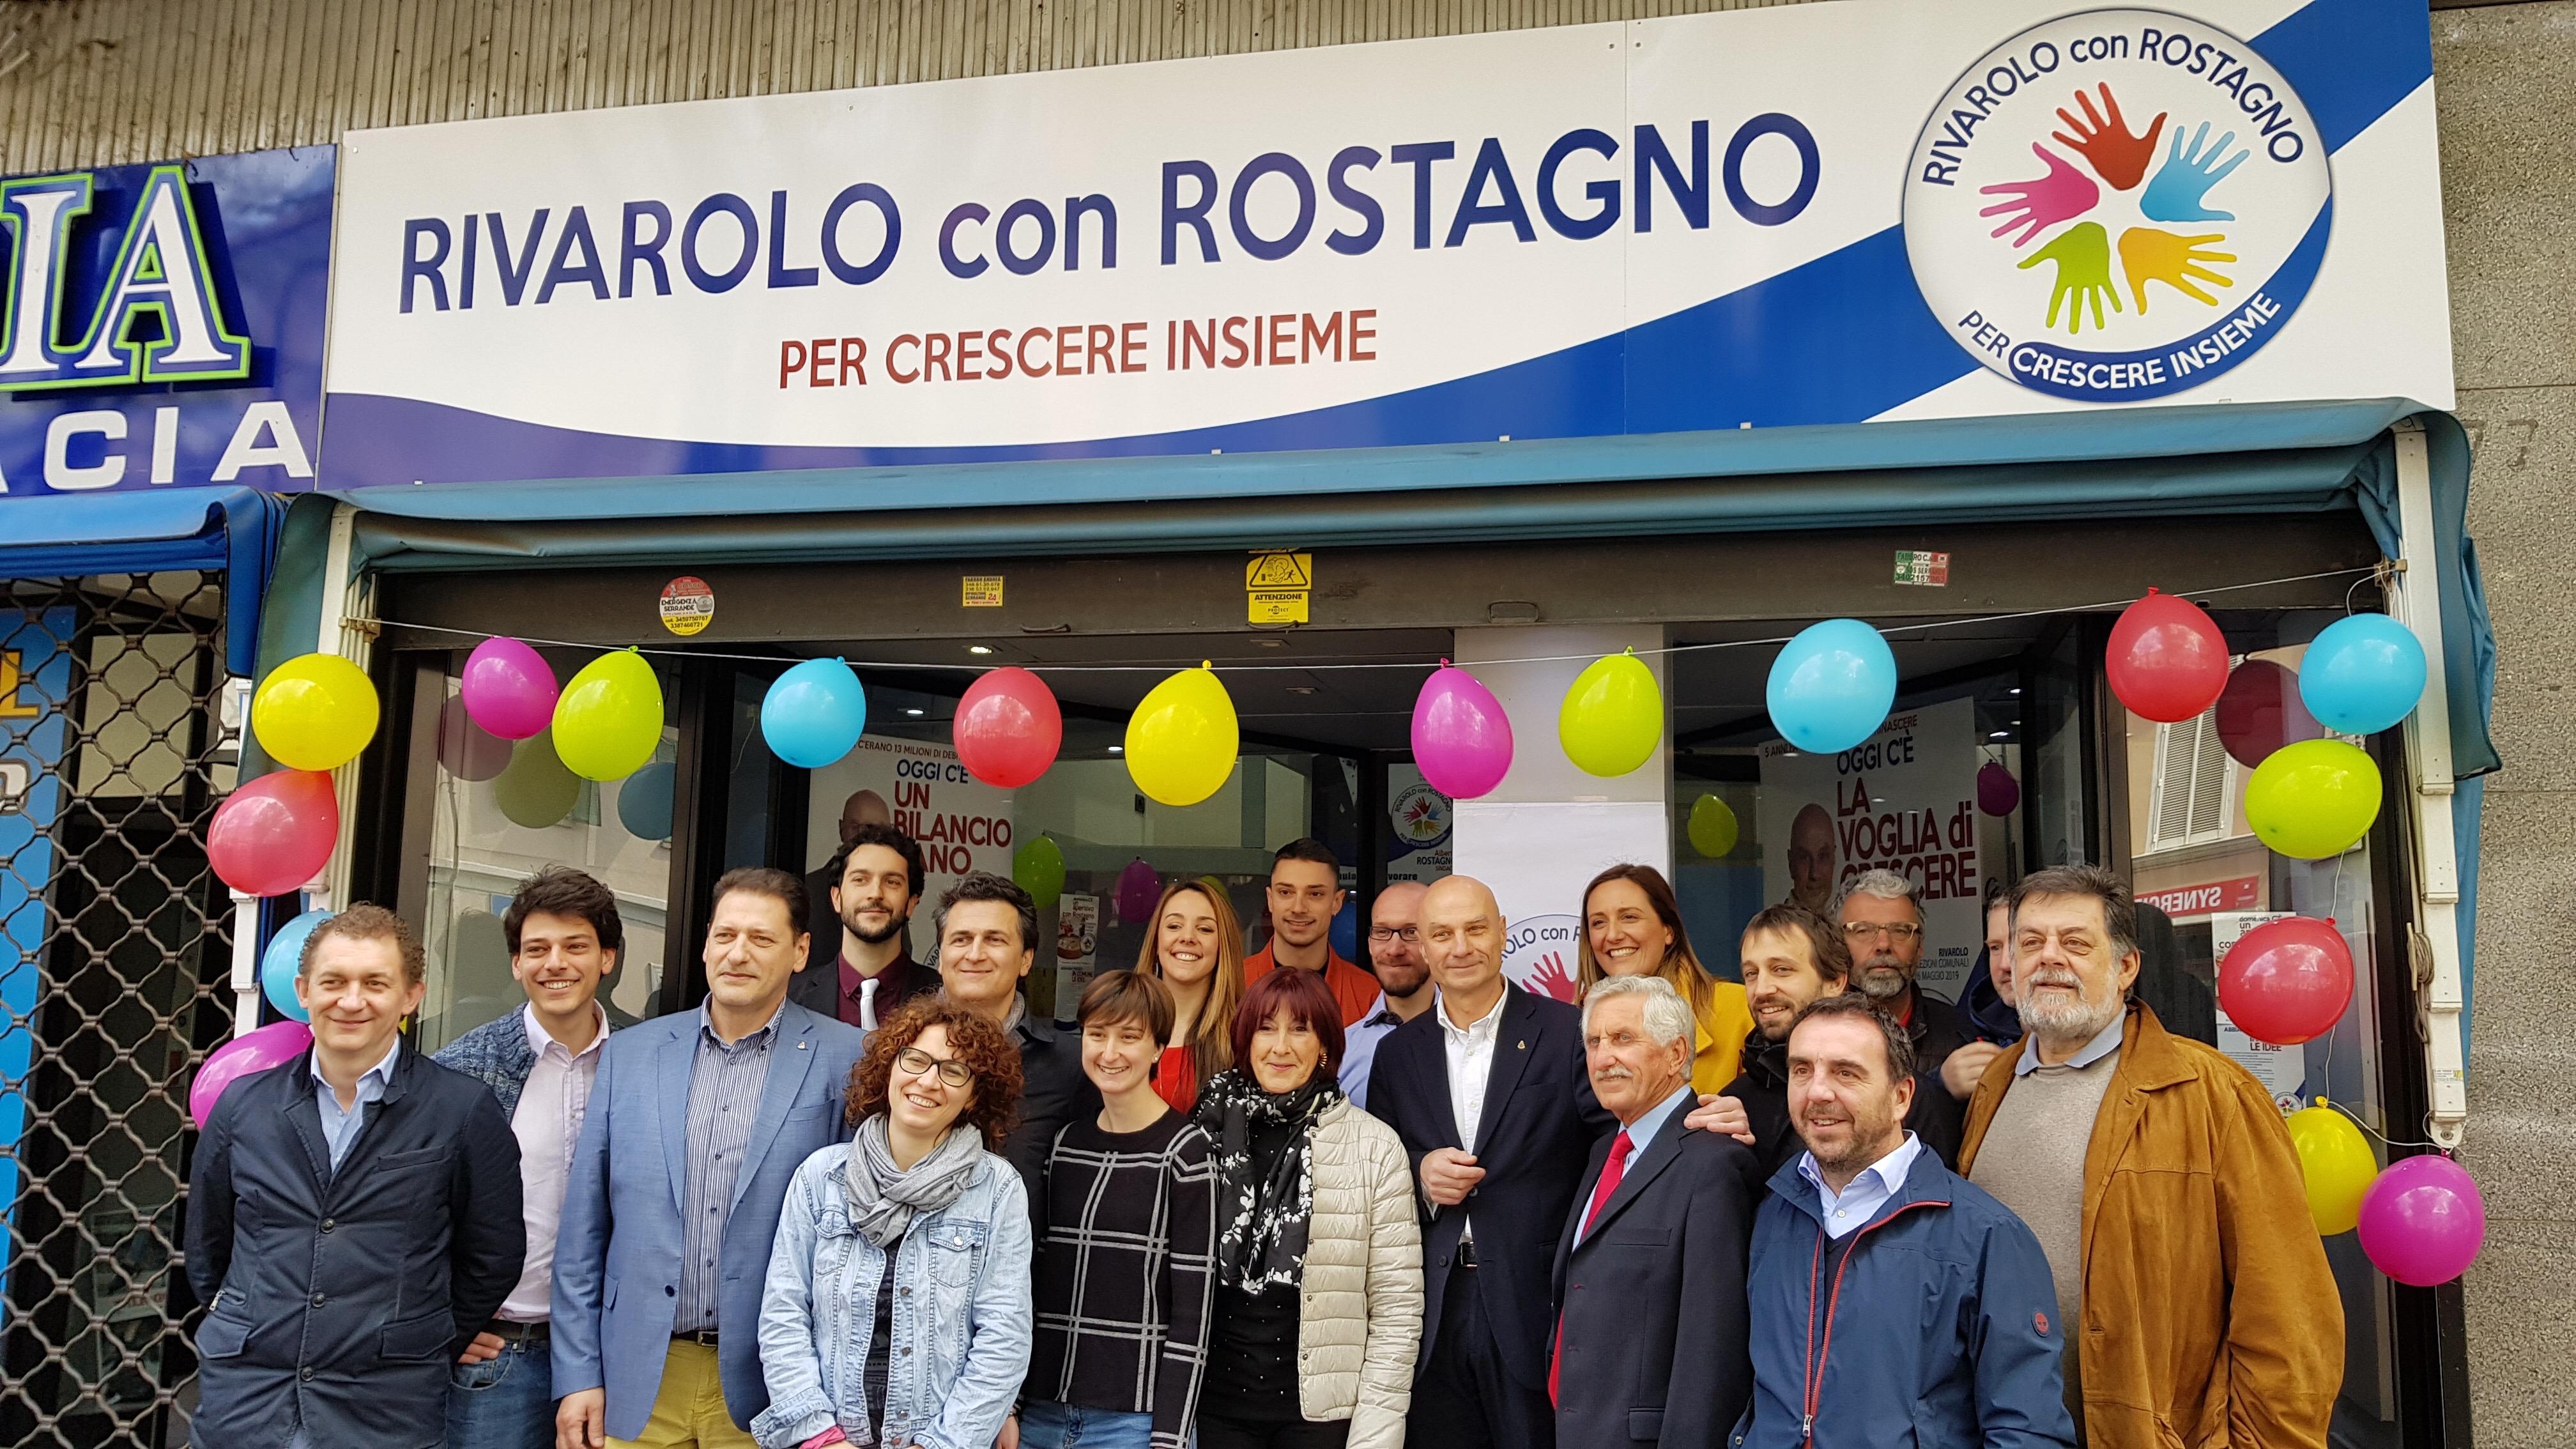 ELEZIONI RIVAROLO - Rostagno c'è e inaugura la sede - FOTO